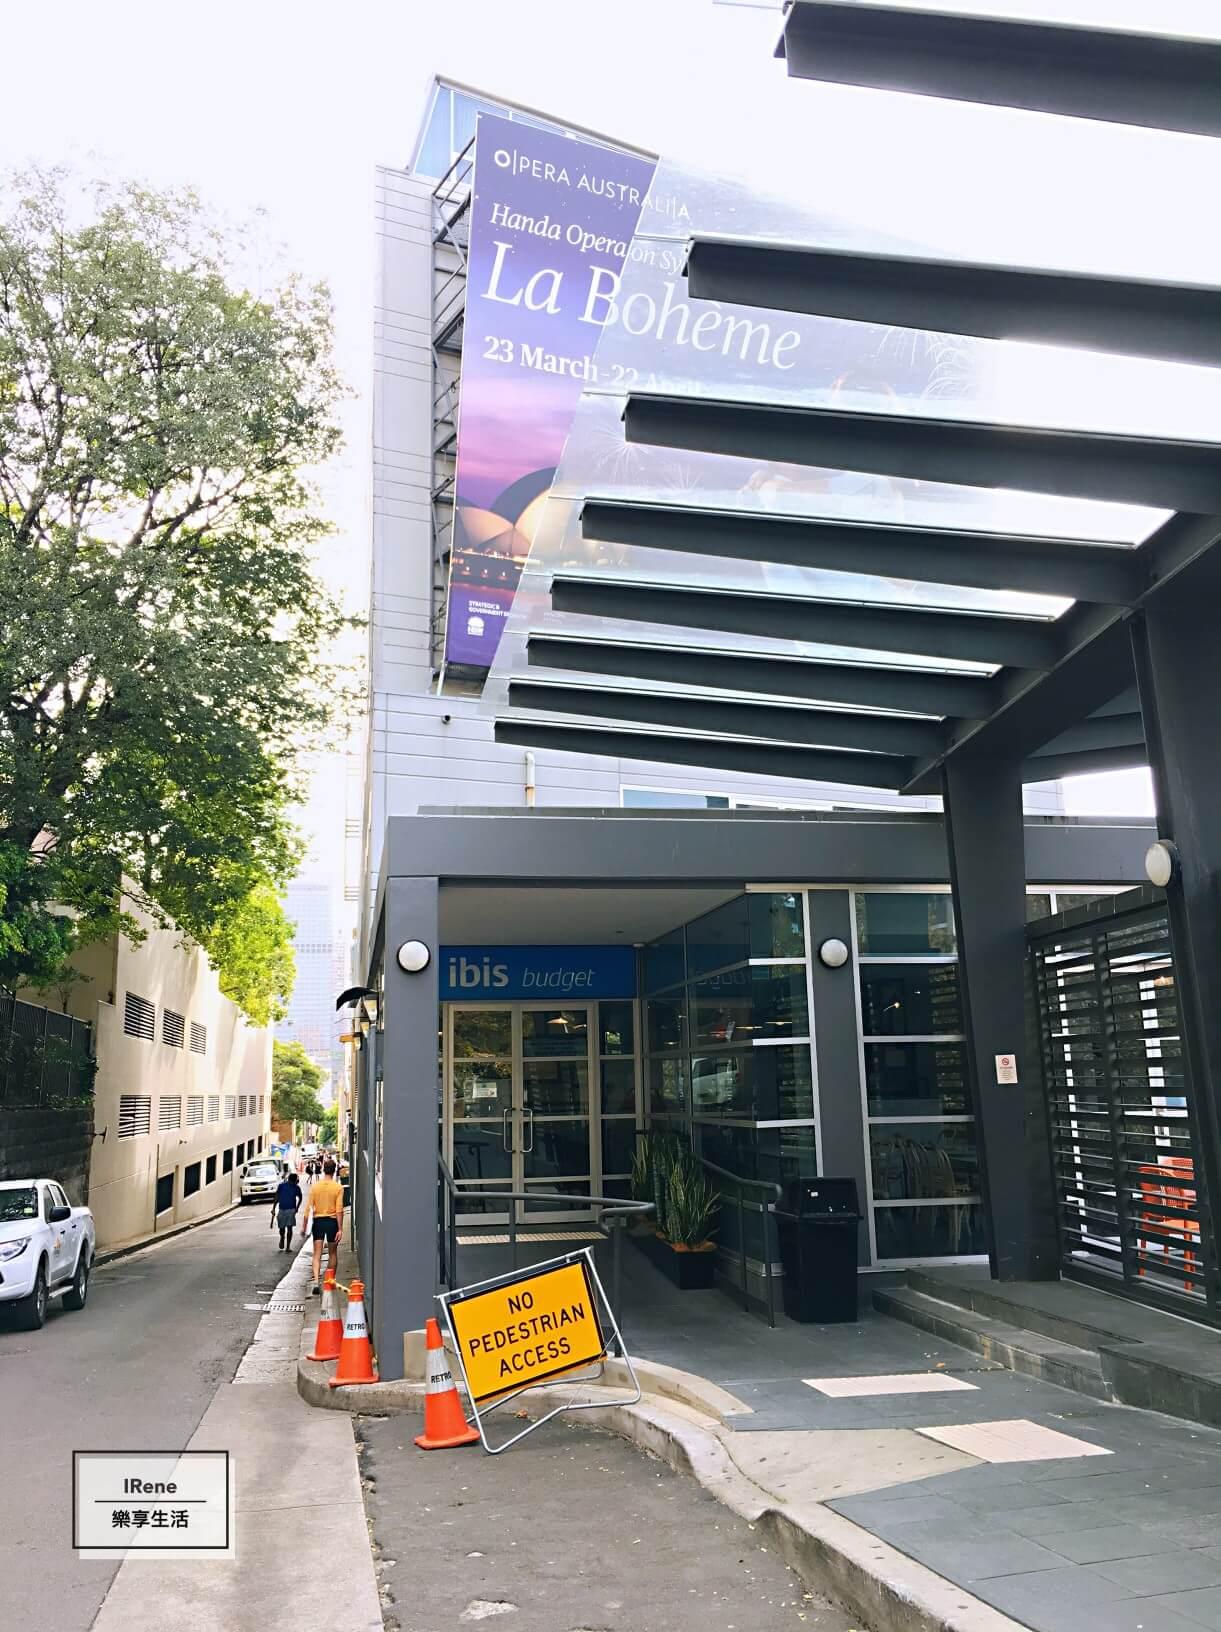 雪梨便宜住宿 ibis Budget 雪梨東部宜必思快捷飯店